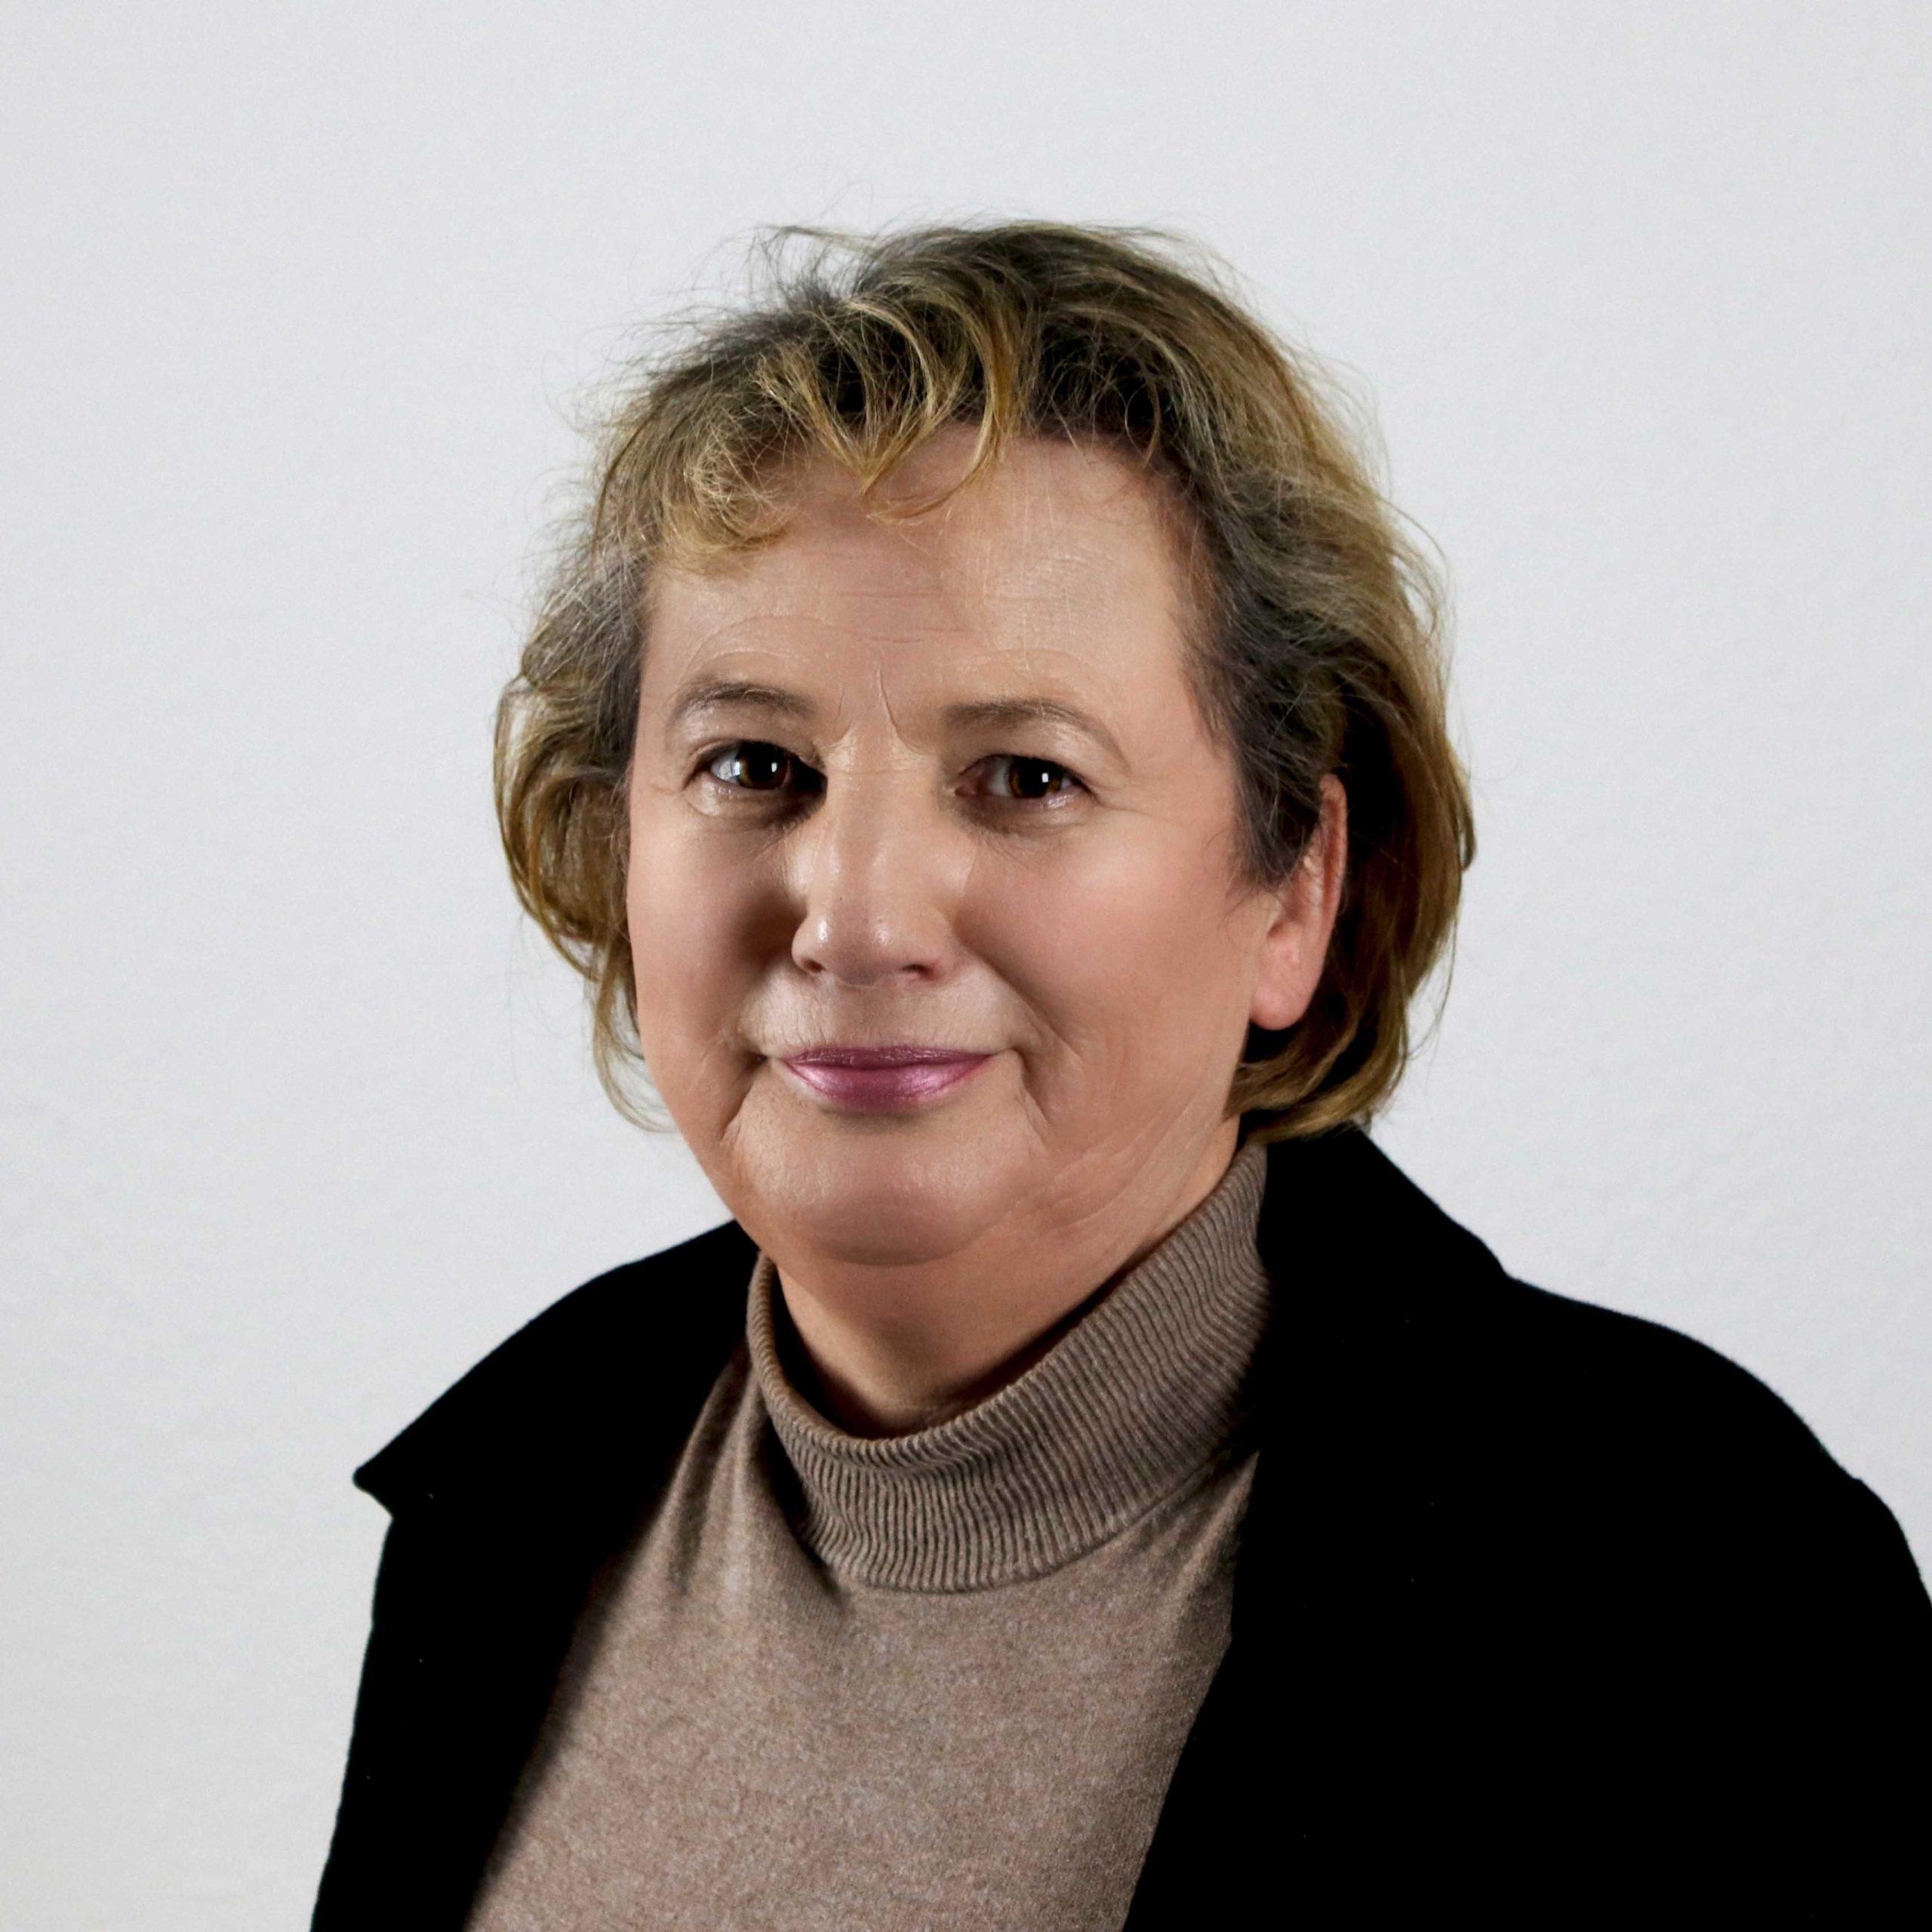 Brigitte Schilling